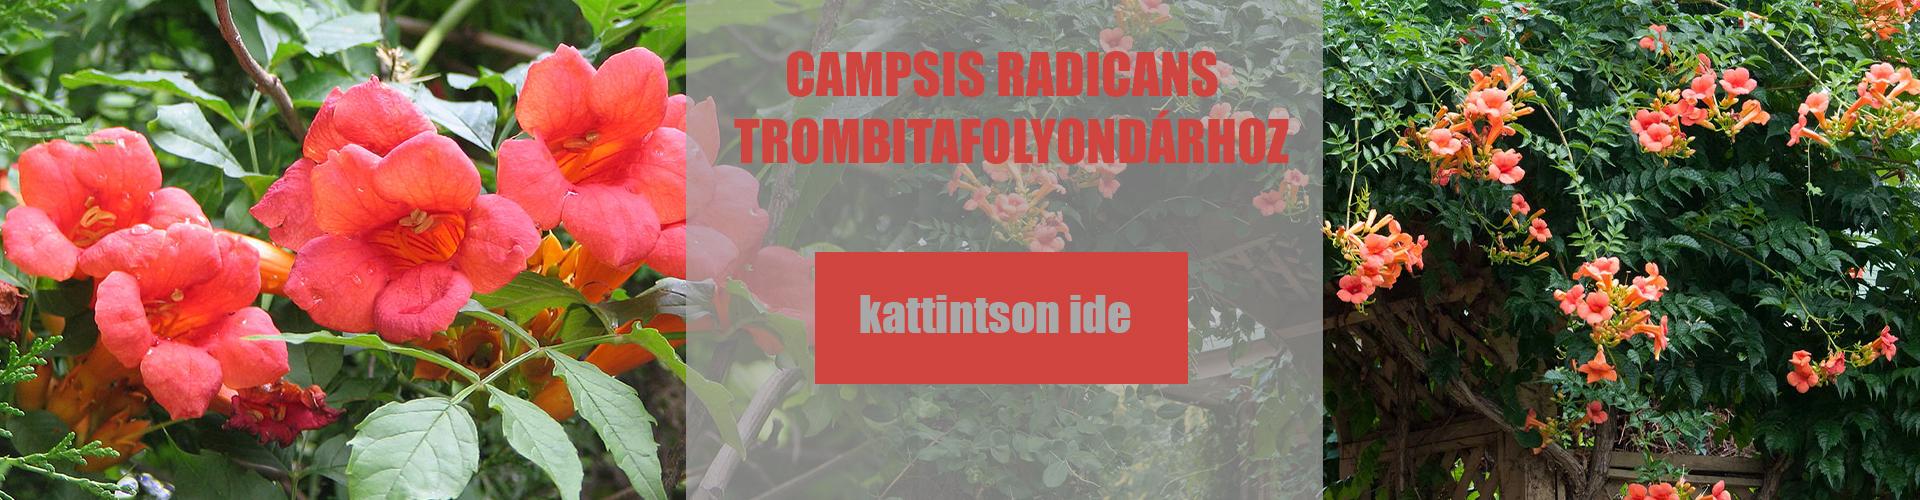 Campsis radicans – Trombitafolyondár